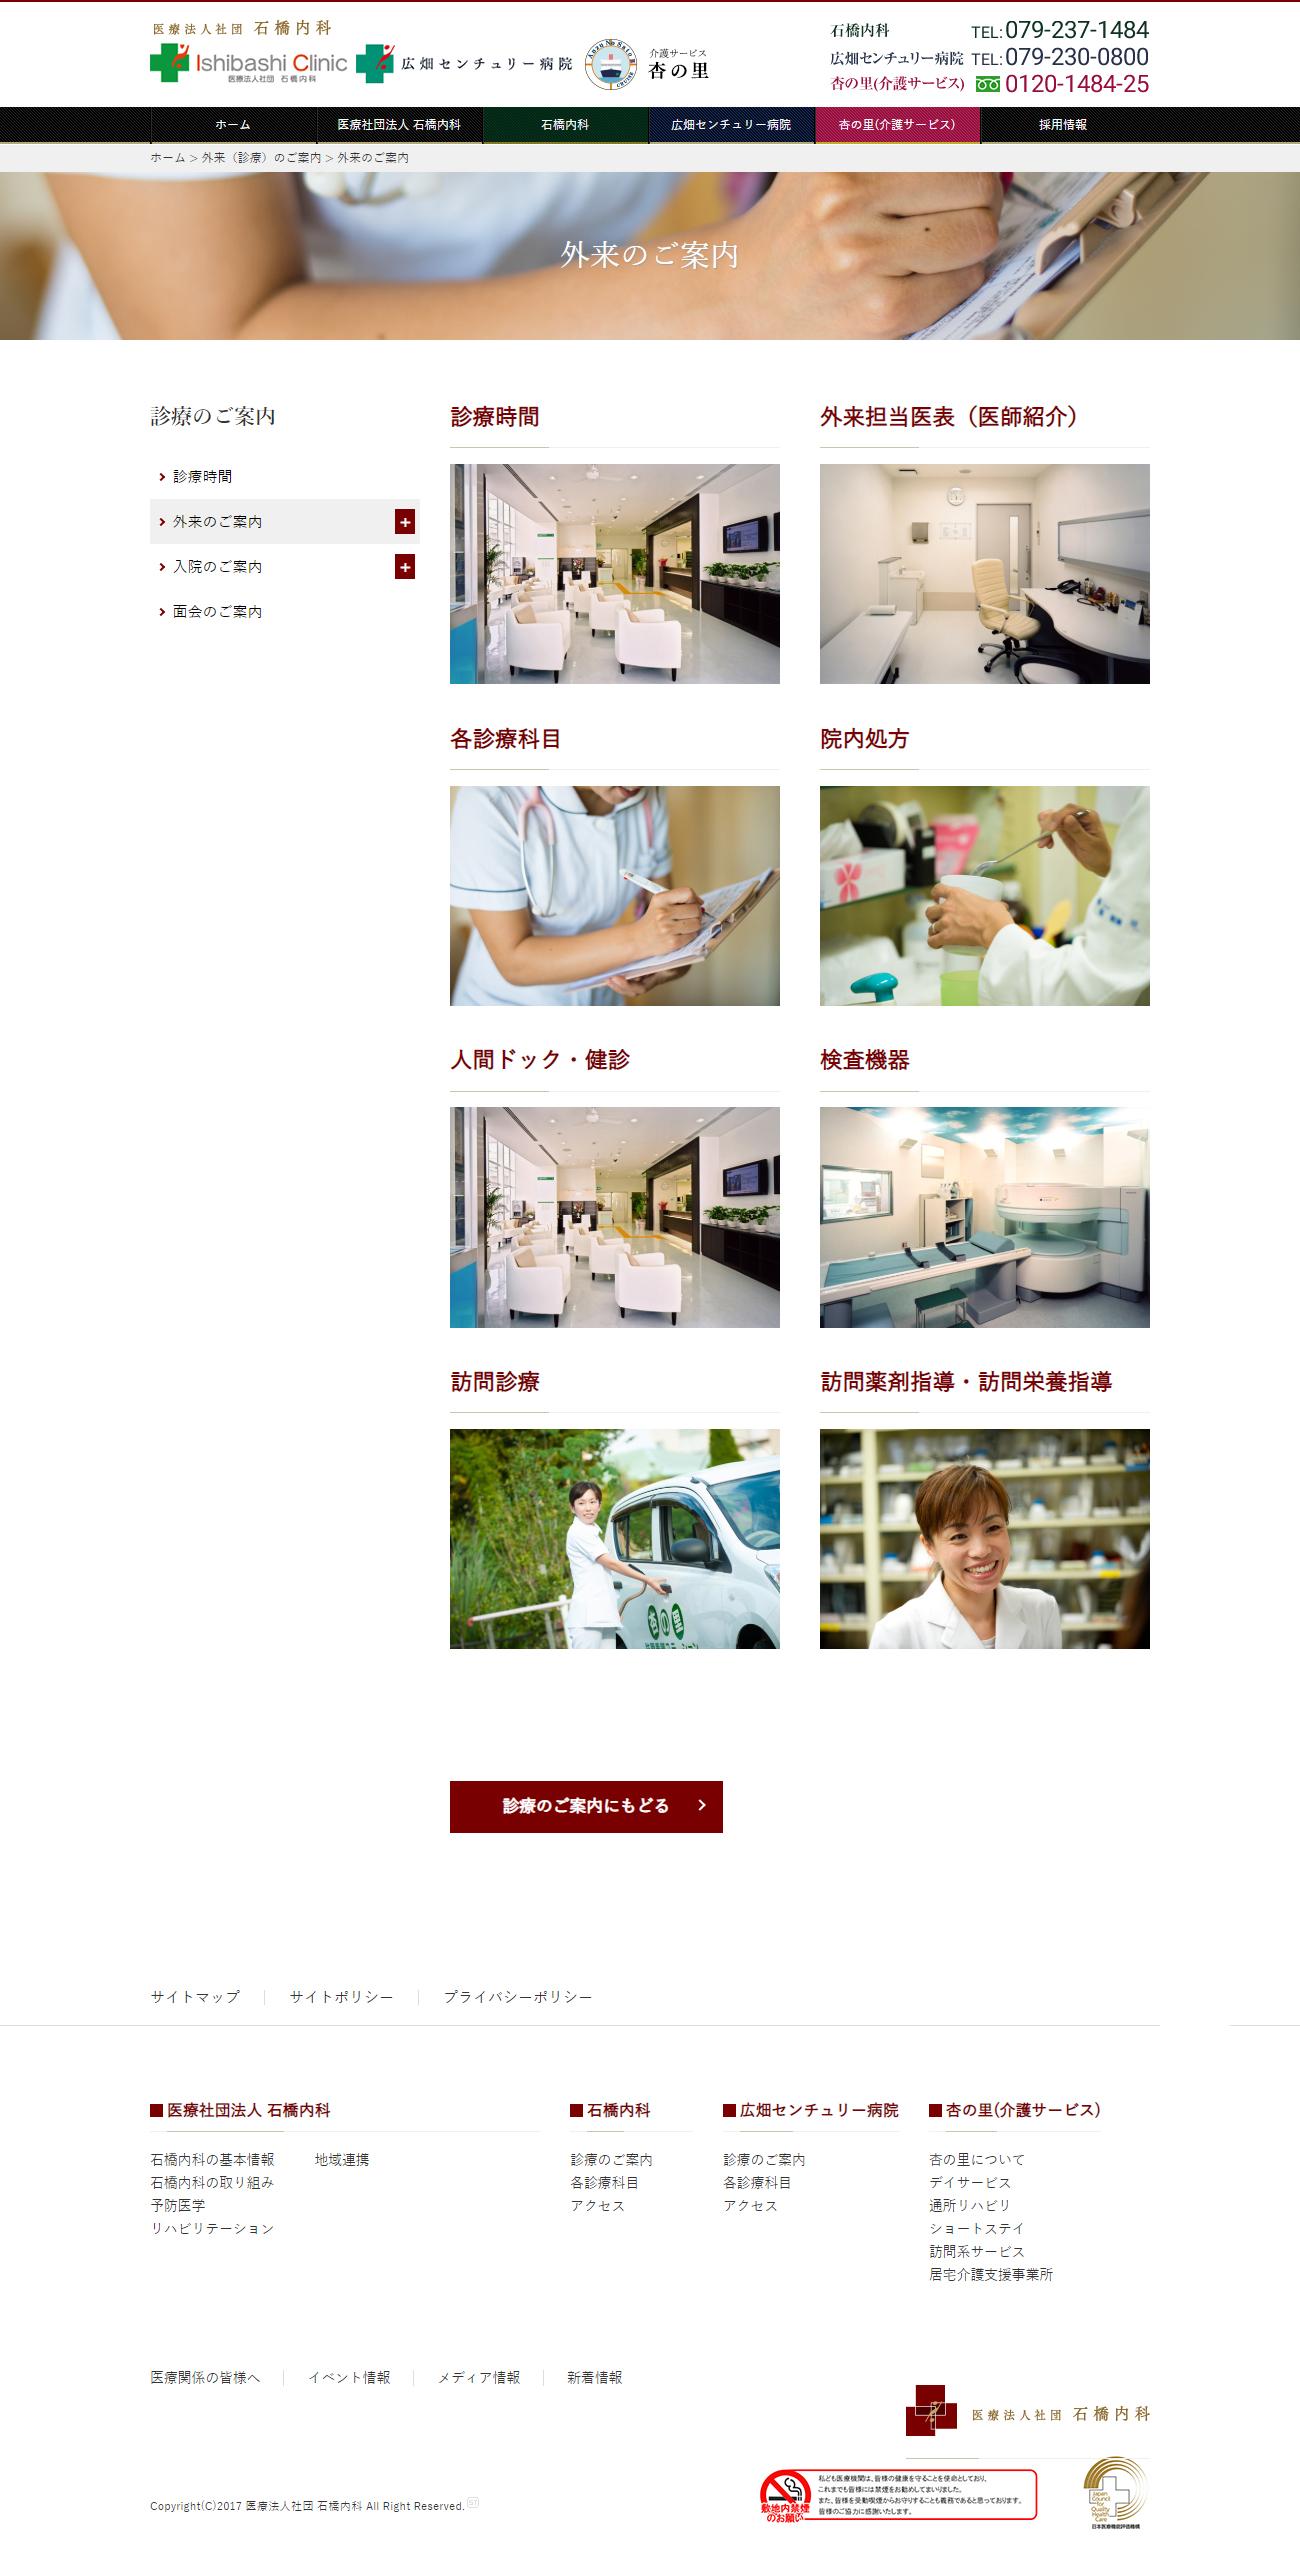 姫路市 医療法人社団 石橋内科様 ホームページ制作2